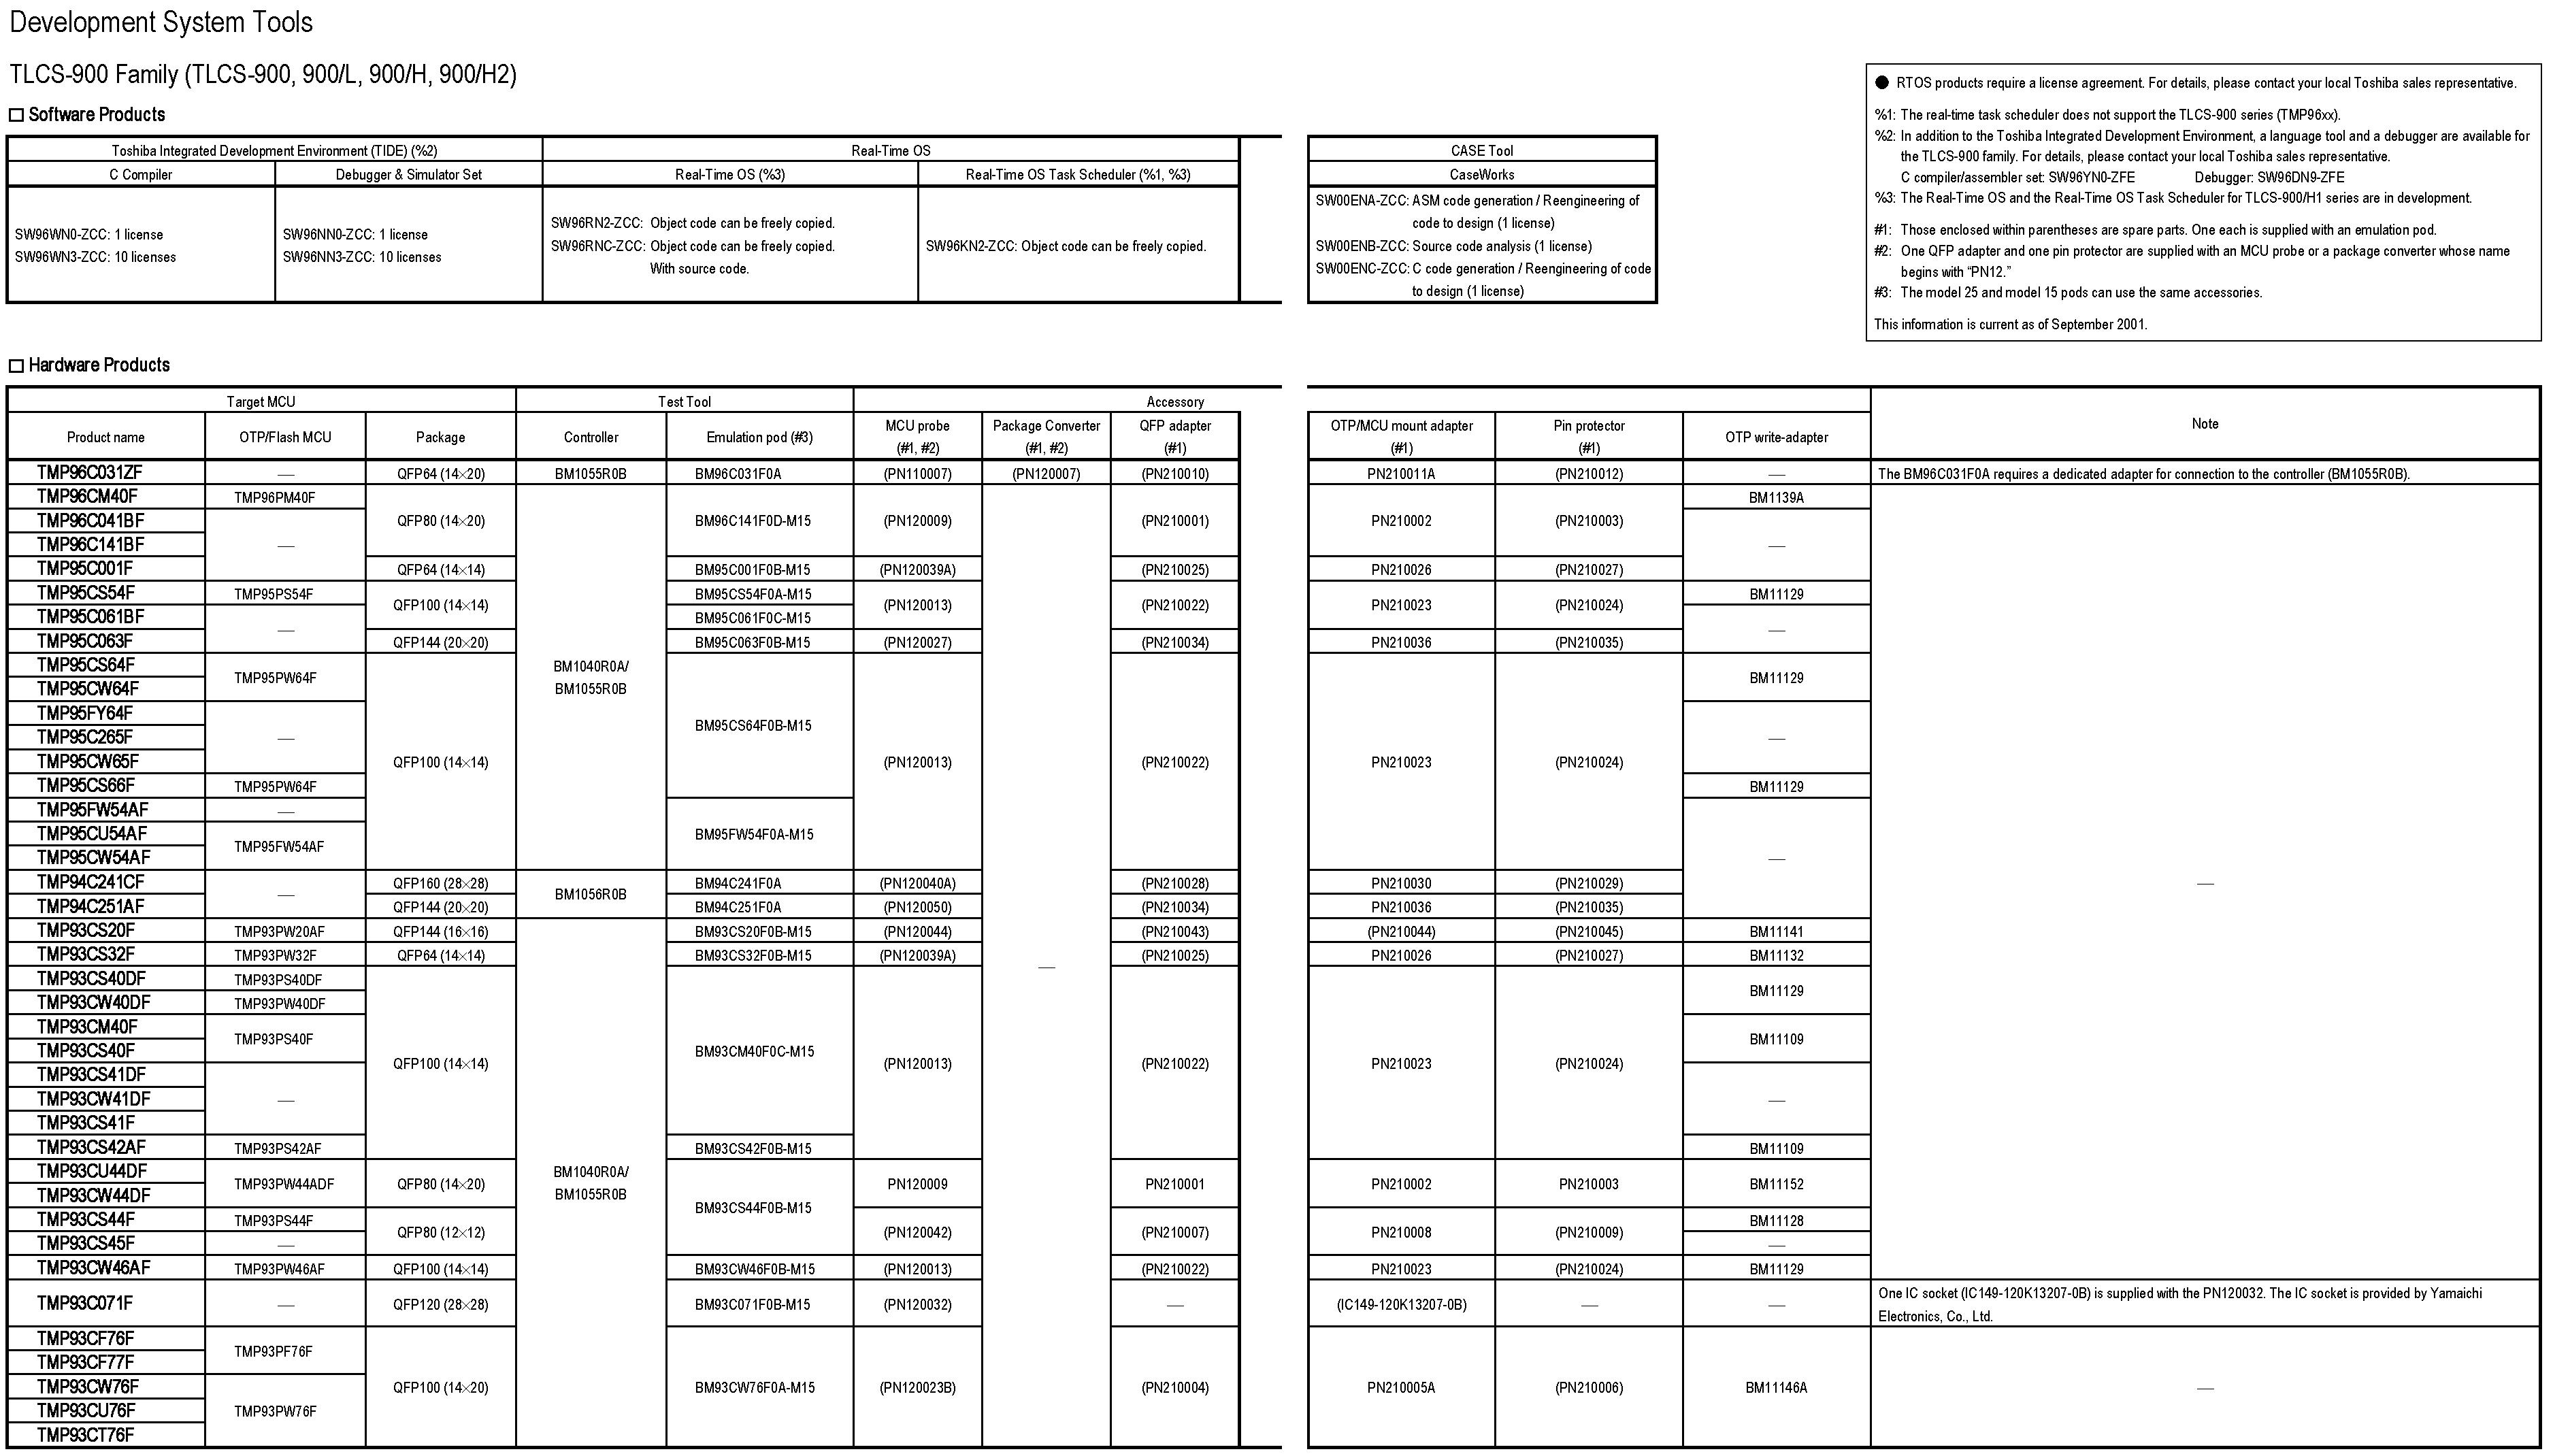 Toshiba-TLCS-900H-Series-Development-Tools.png